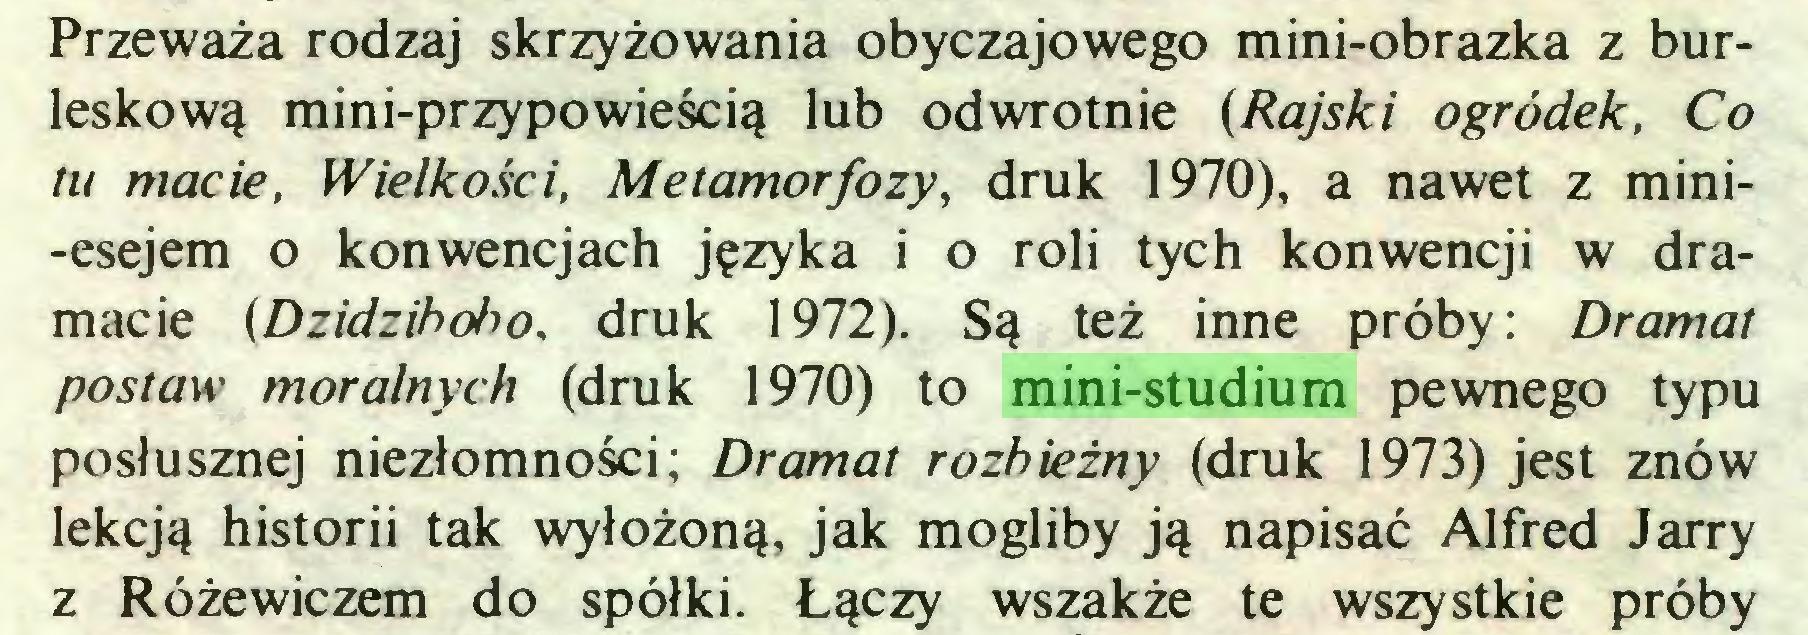 (...) Przeważa rodzaj skrzyżowania obyczajowego mini-obrazka z burleskową mini-przypowieścią lub odwrotnie (Rajski ogródek, Co tu macie, Wielkości, Metamorfozy, druk 1970), a nawet z mini-esejem o konwencjach języka i o roli tych konwencji w dramacie (Dzidzihoho, druk 1972). Są też inne próby: Dramat postaw moralnych (druk 1970) to mini-studium pewnego typu posłusznej niezłomności; Dramat rozbieżny (druk 1973) jest znów lekcją historii tak wyłożoną, jak mogliby ją napisać Alfred Jarry z Różewiczem do spółki. Łączy wszakże te wszystkie próby...